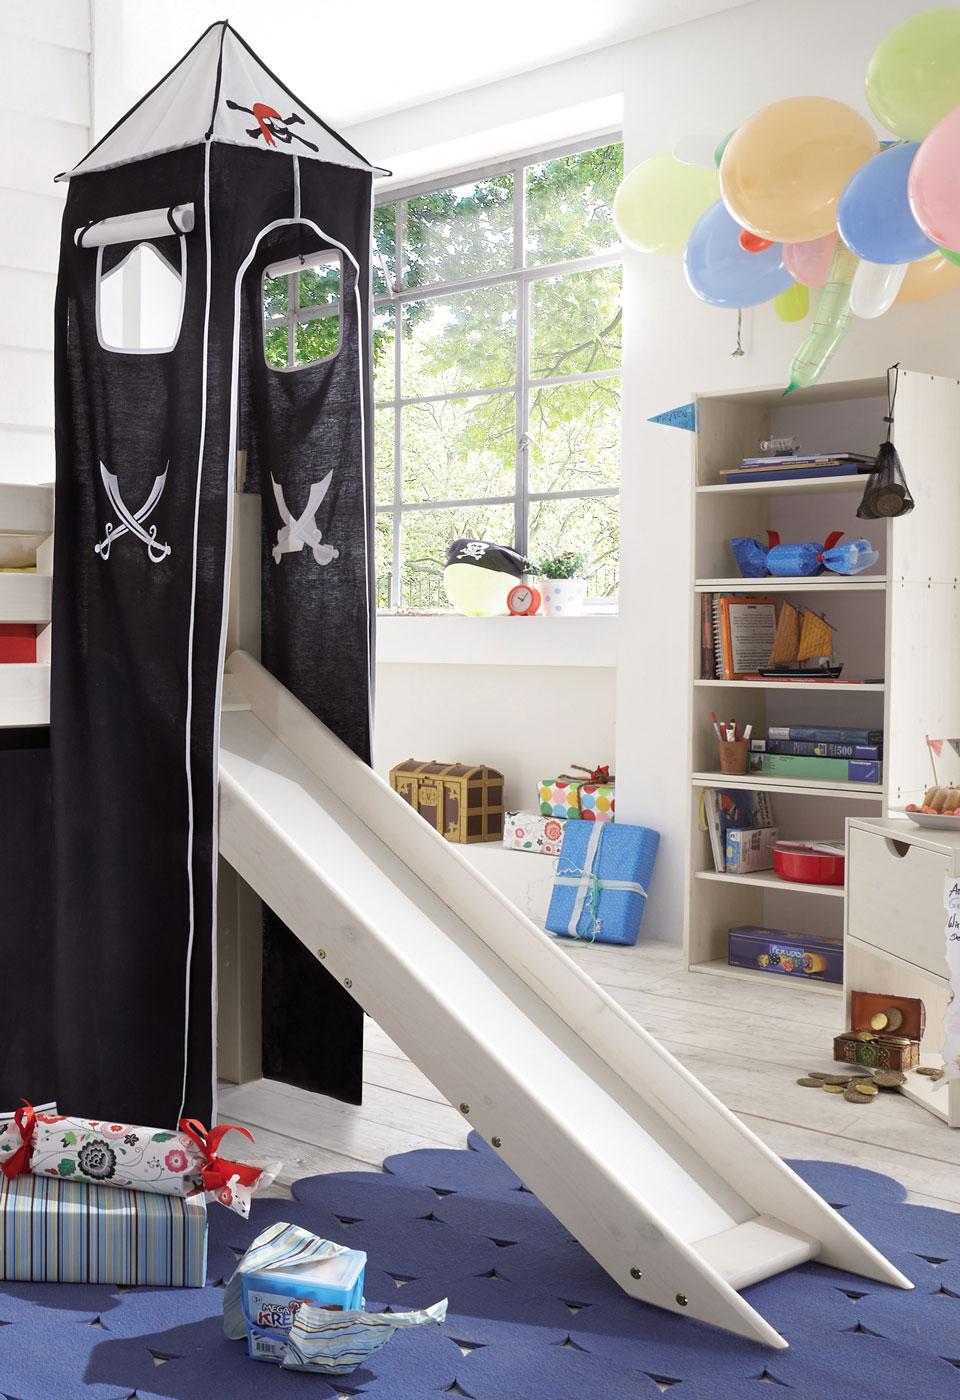 piraten mini hochbett mit rutsche kaufen seer uber. Black Bedroom Furniture Sets. Home Design Ideas